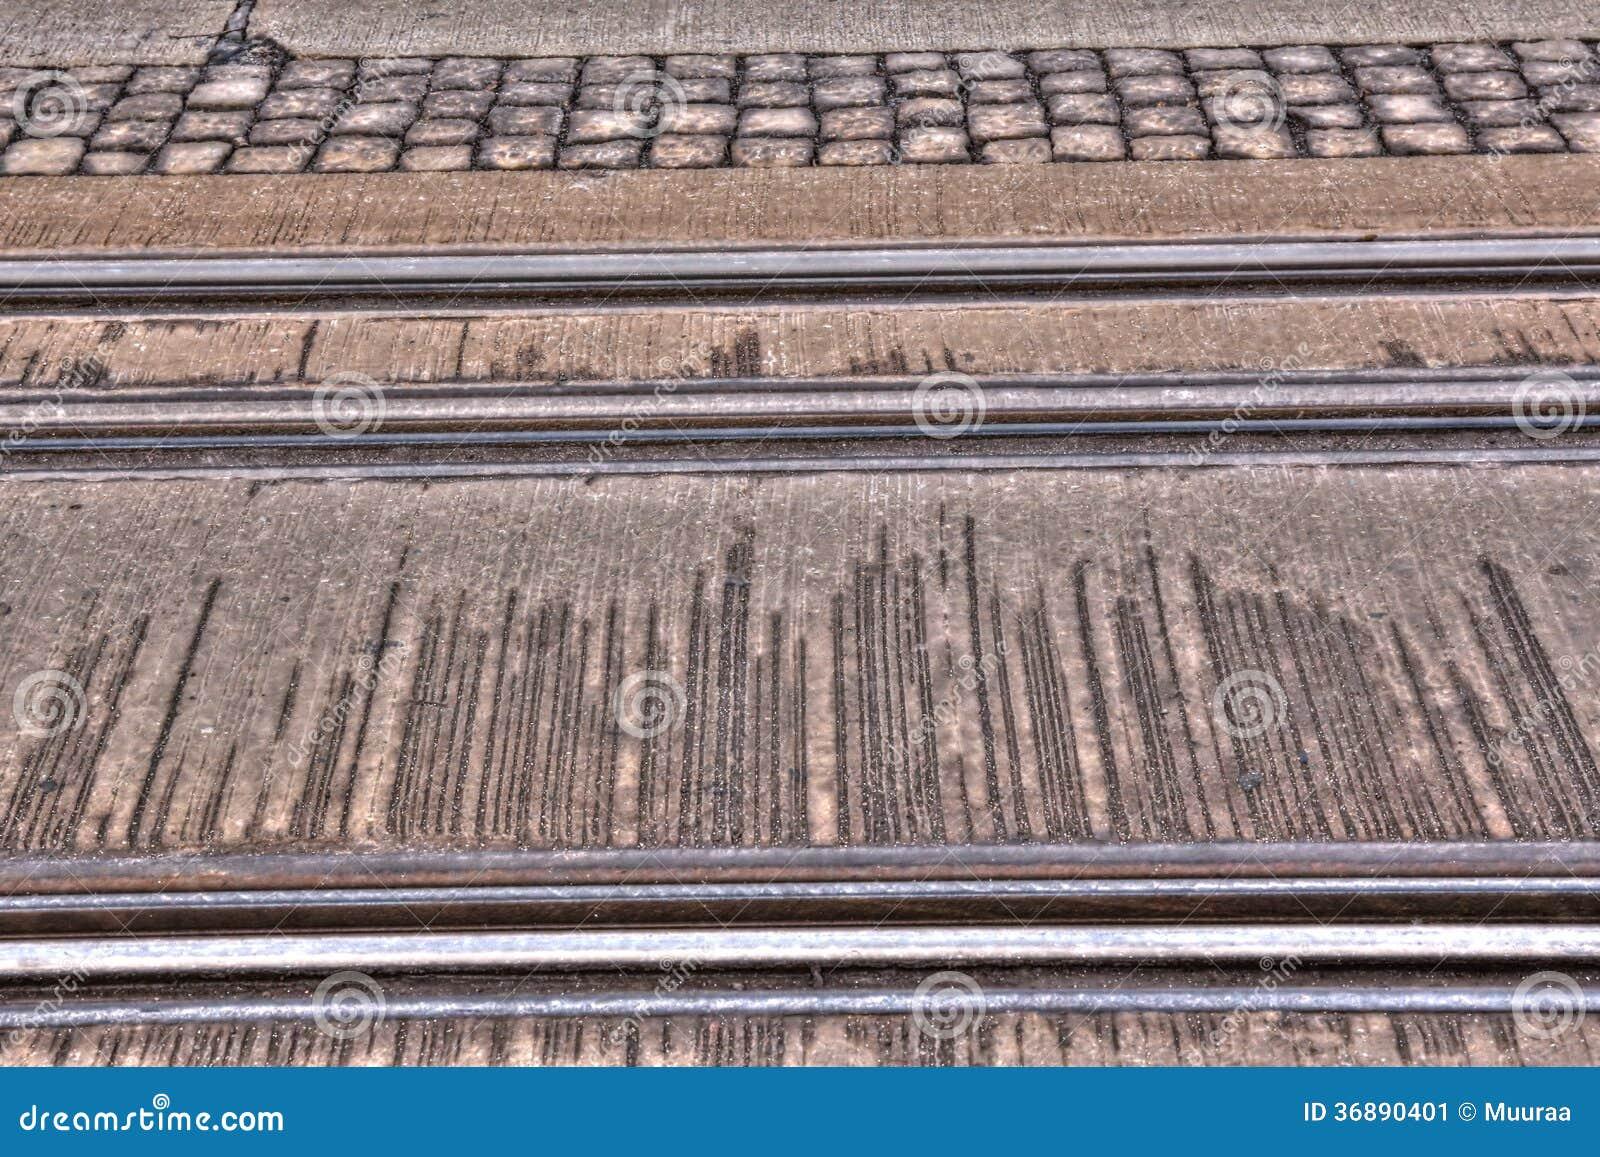 Download Rotaie del tram immagine stock. Immagine di guida, rotaie - 36890401